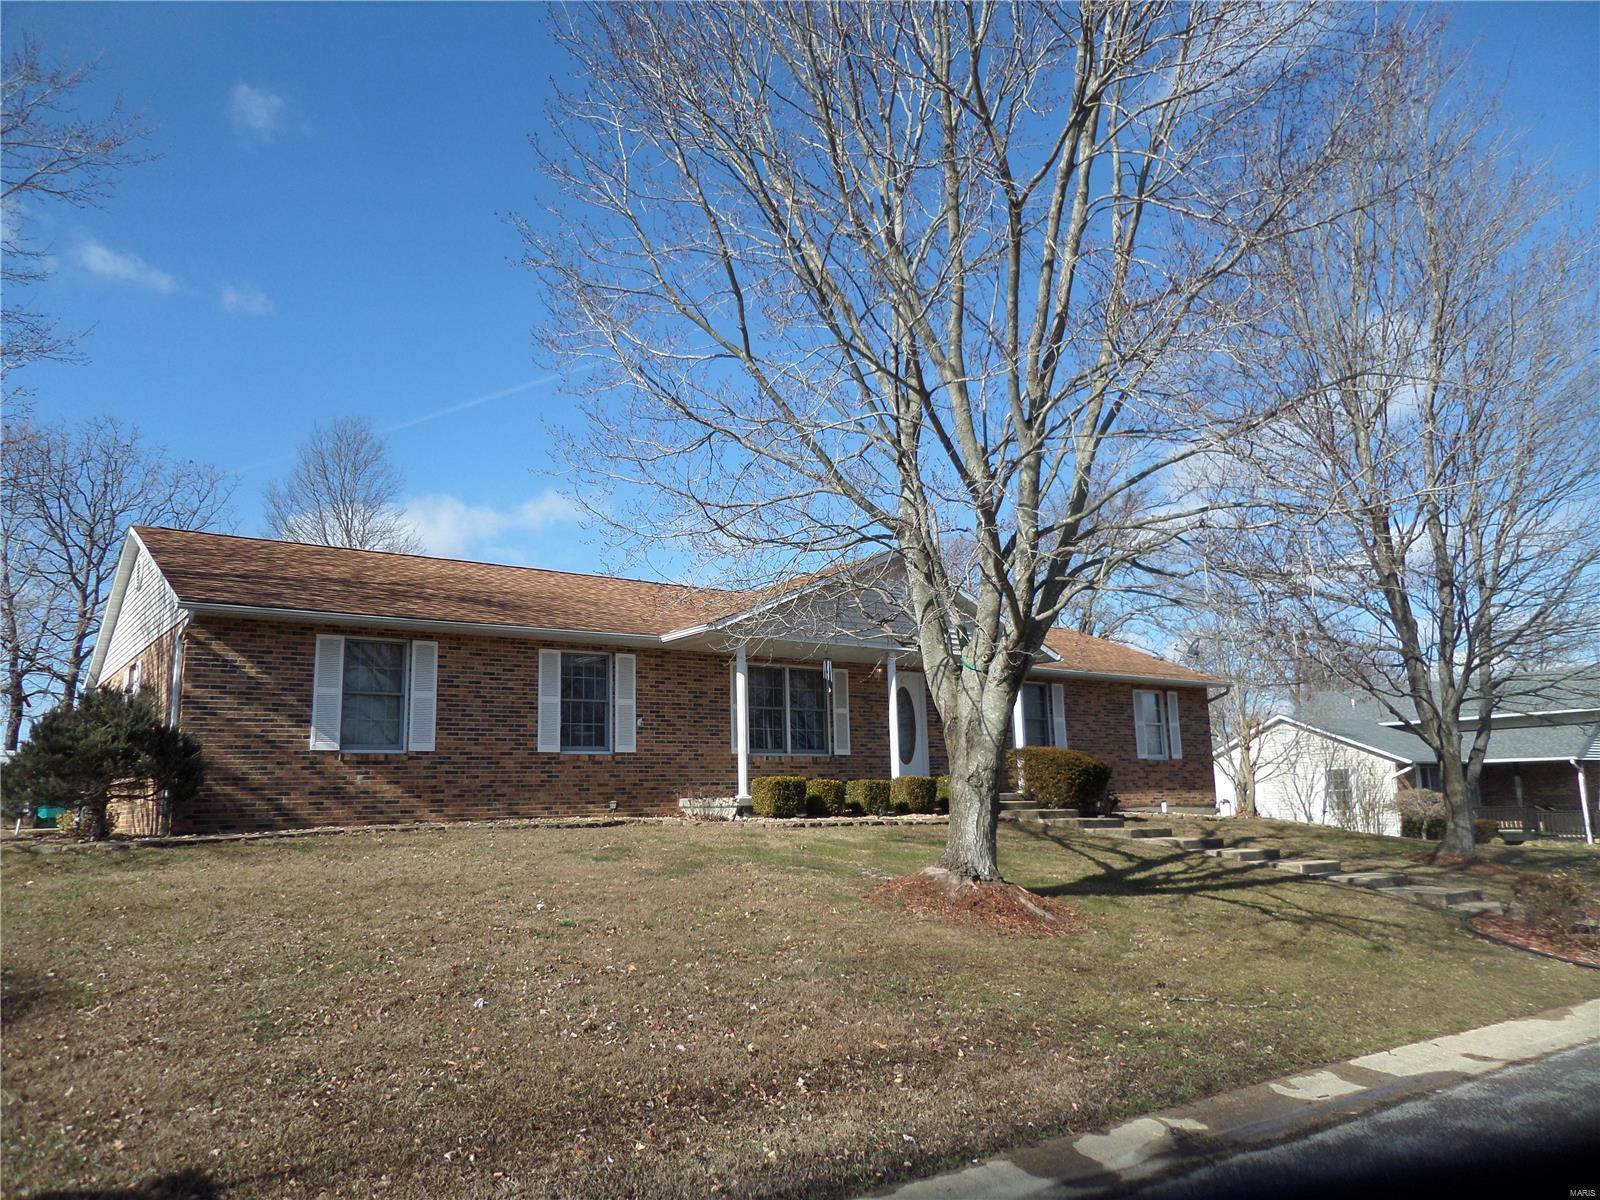 573 Sonya Property Photo